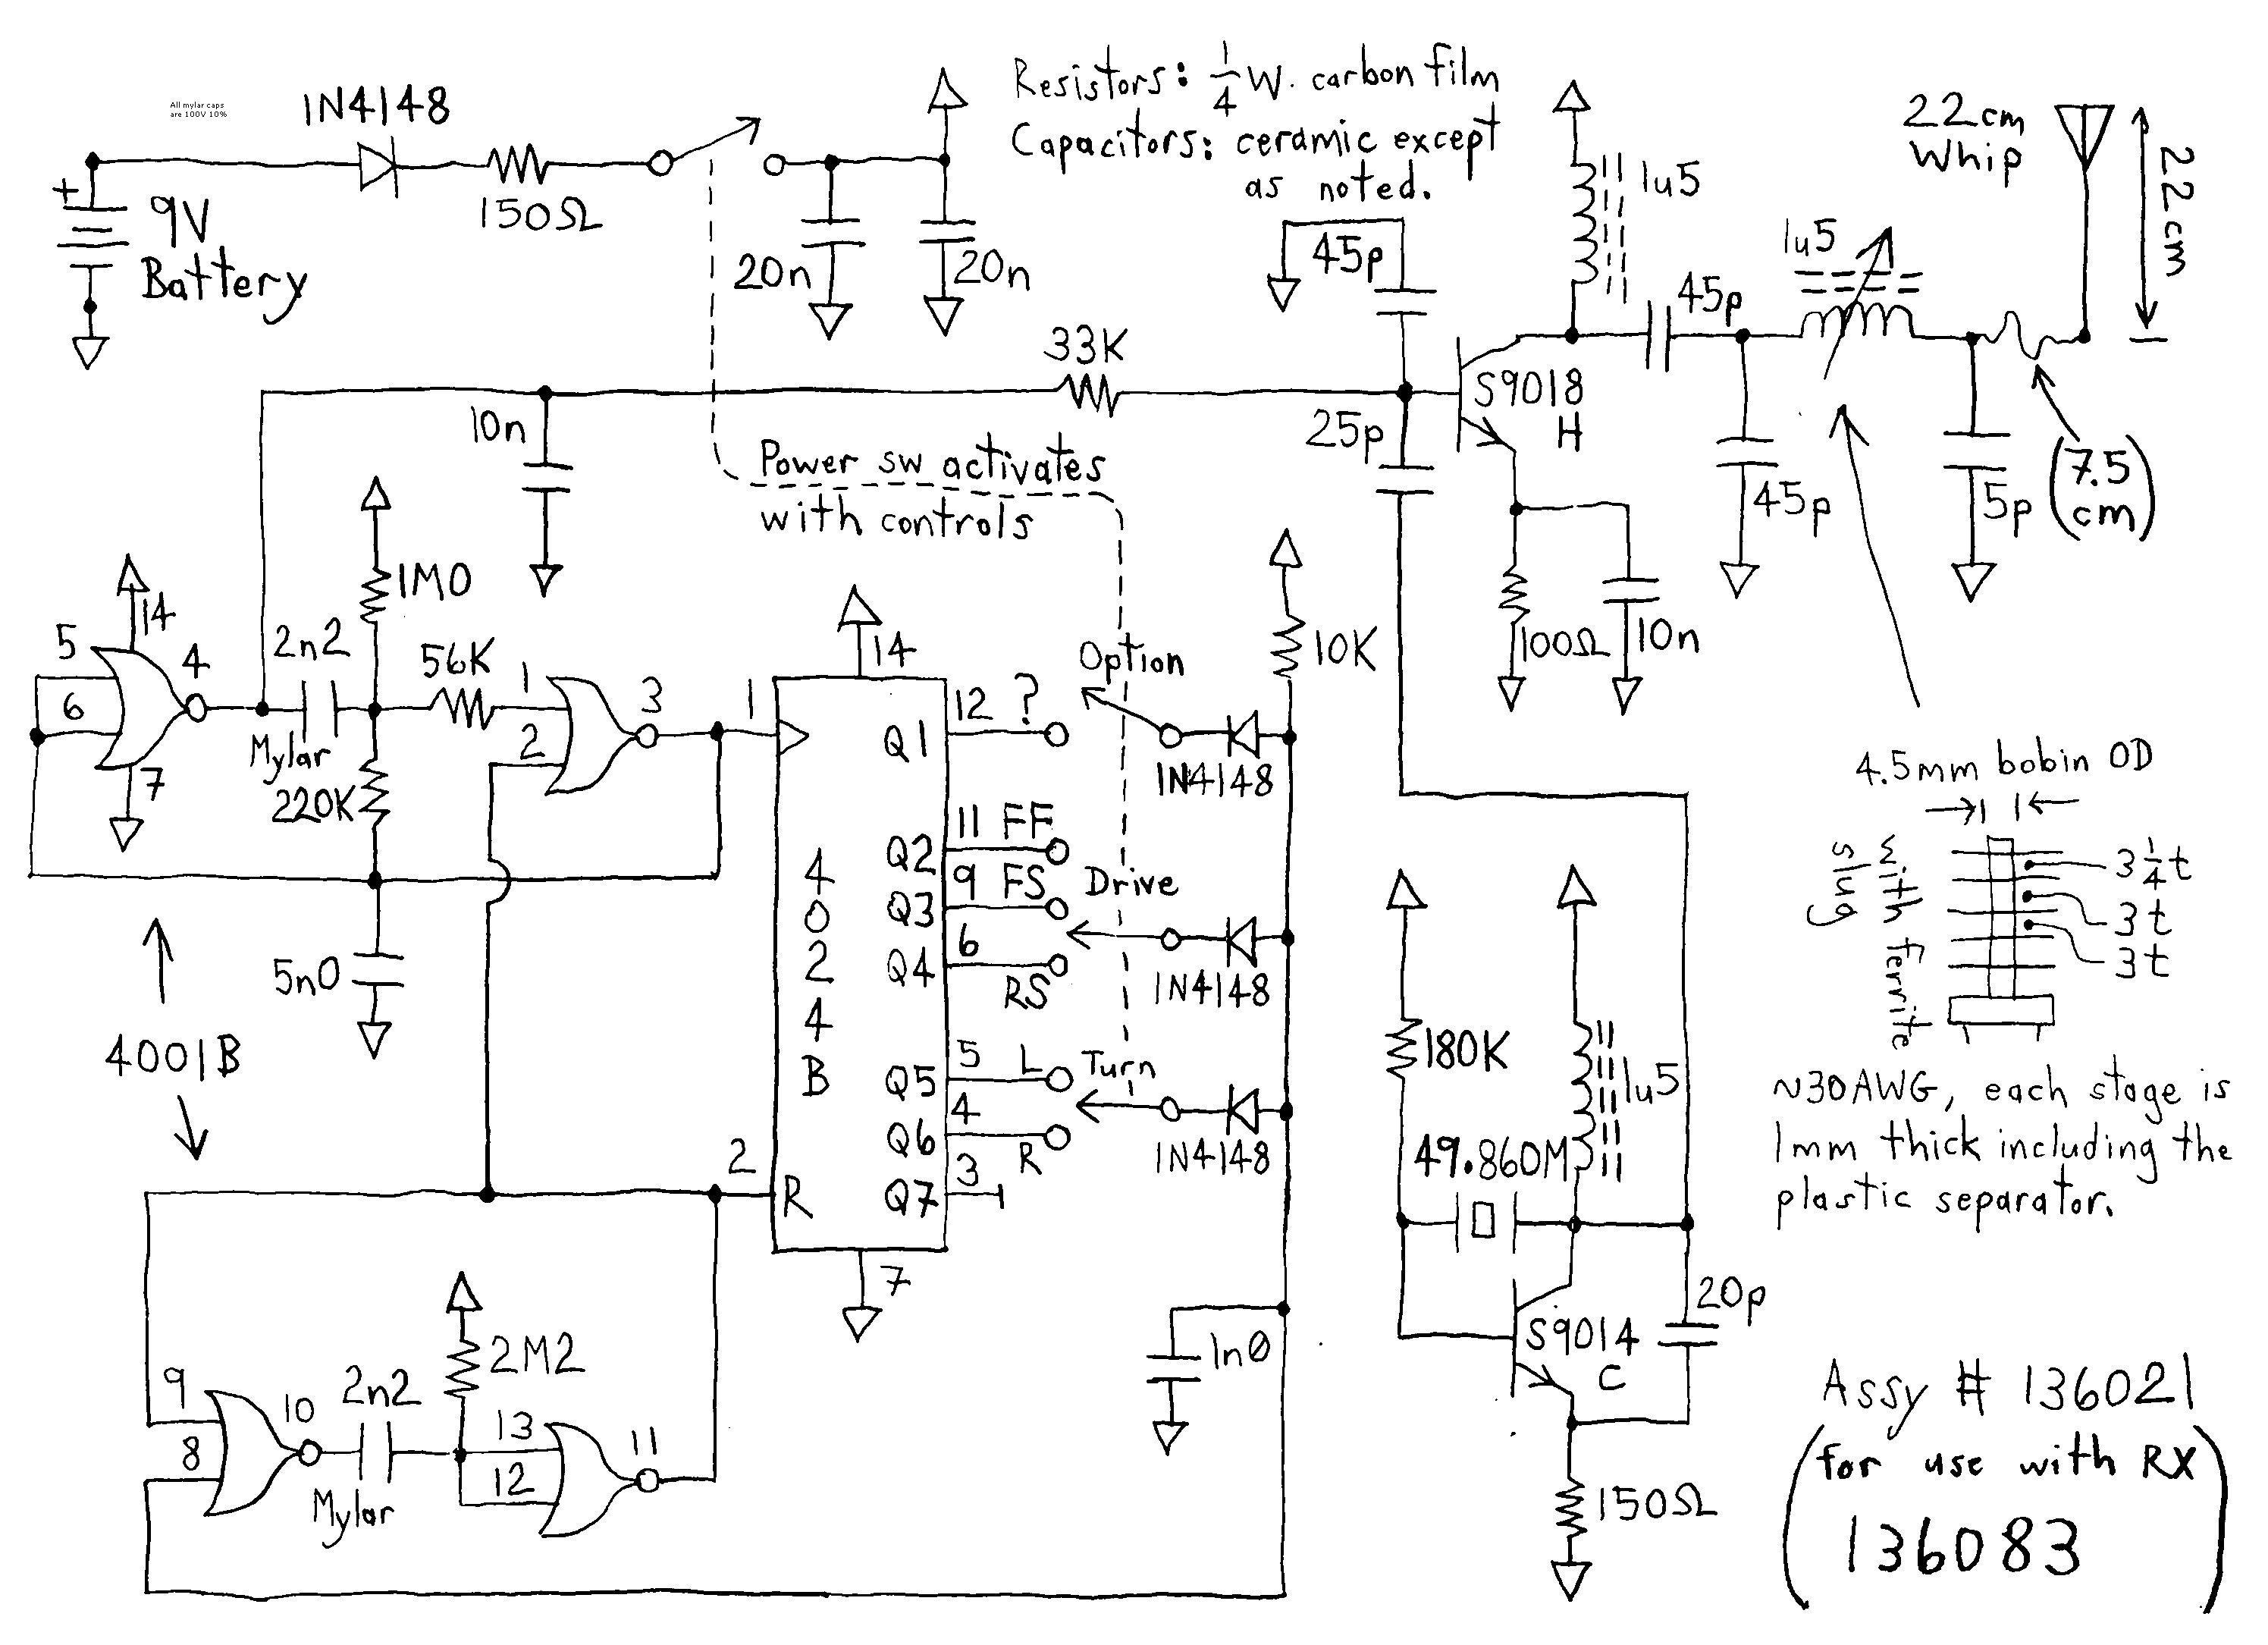 Inspirational 2001 Chevy Blazer Wiring Diagram In 2020 Electrical Wiring Diagram Electrical Diagram Diagram Design